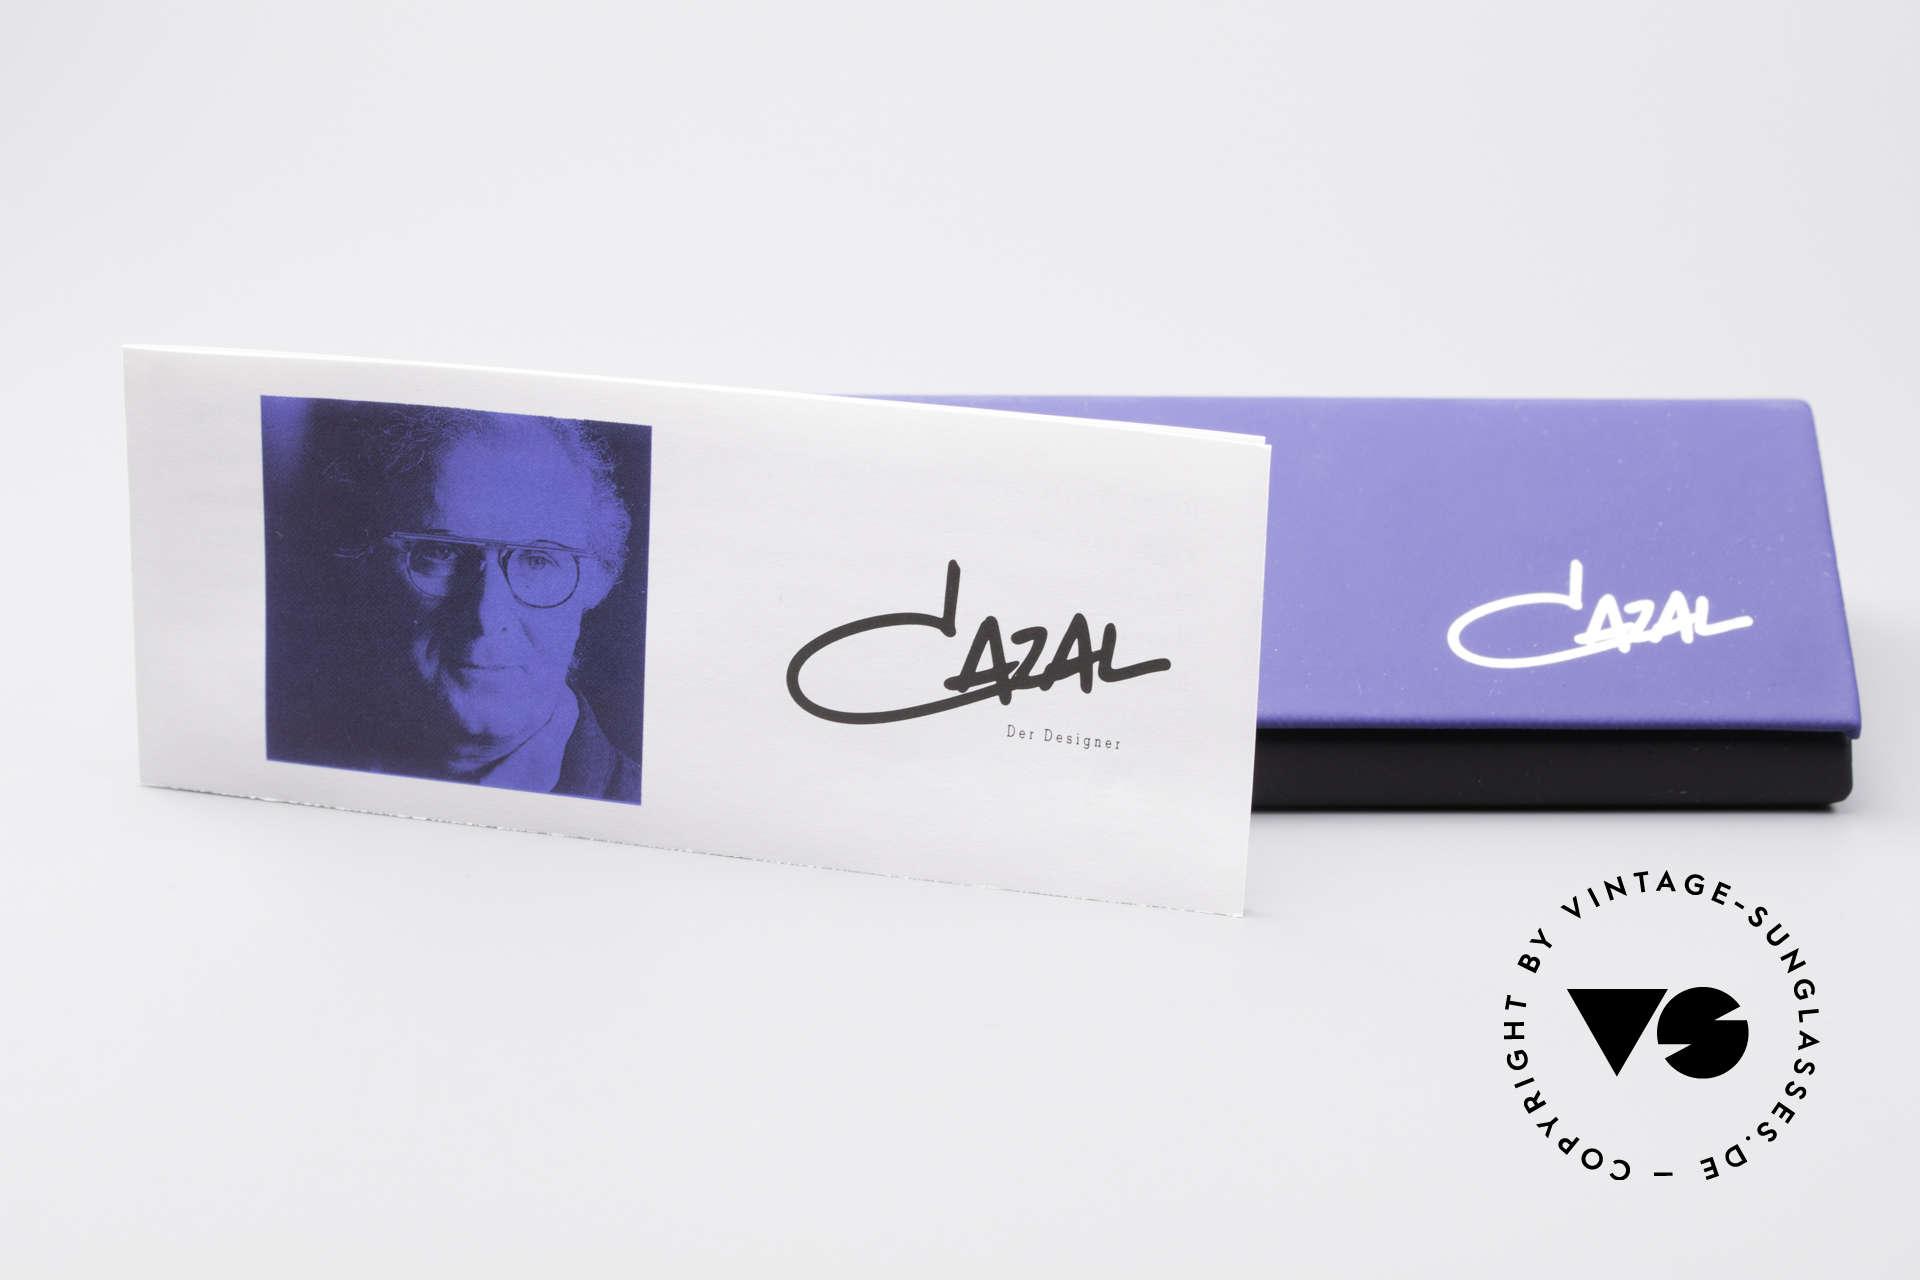 Cazal 372 Seltene HipHop Vintage Brille, KEINE RETRO Brille, sondern ein 20 Jahre altes ORIGINAL, Passend für Herren und Damen